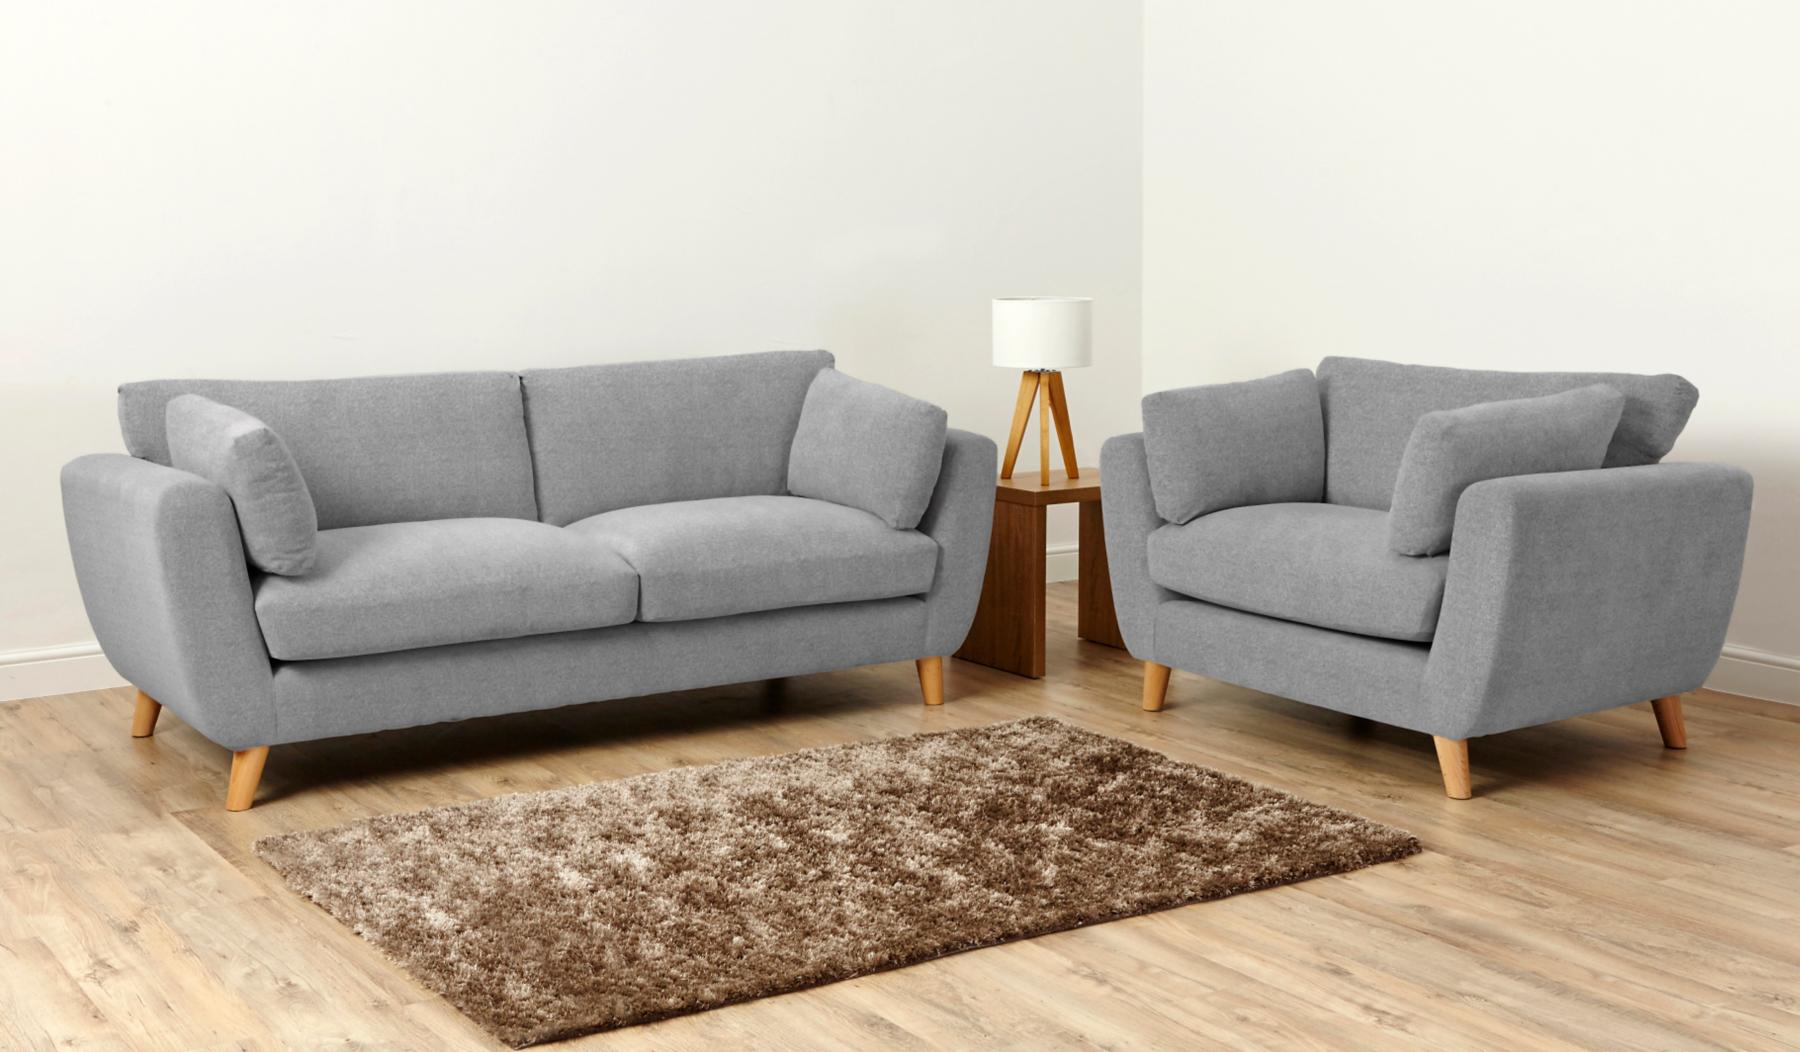 Asda Direct Sofas And Armchairs Brokeasshome Com